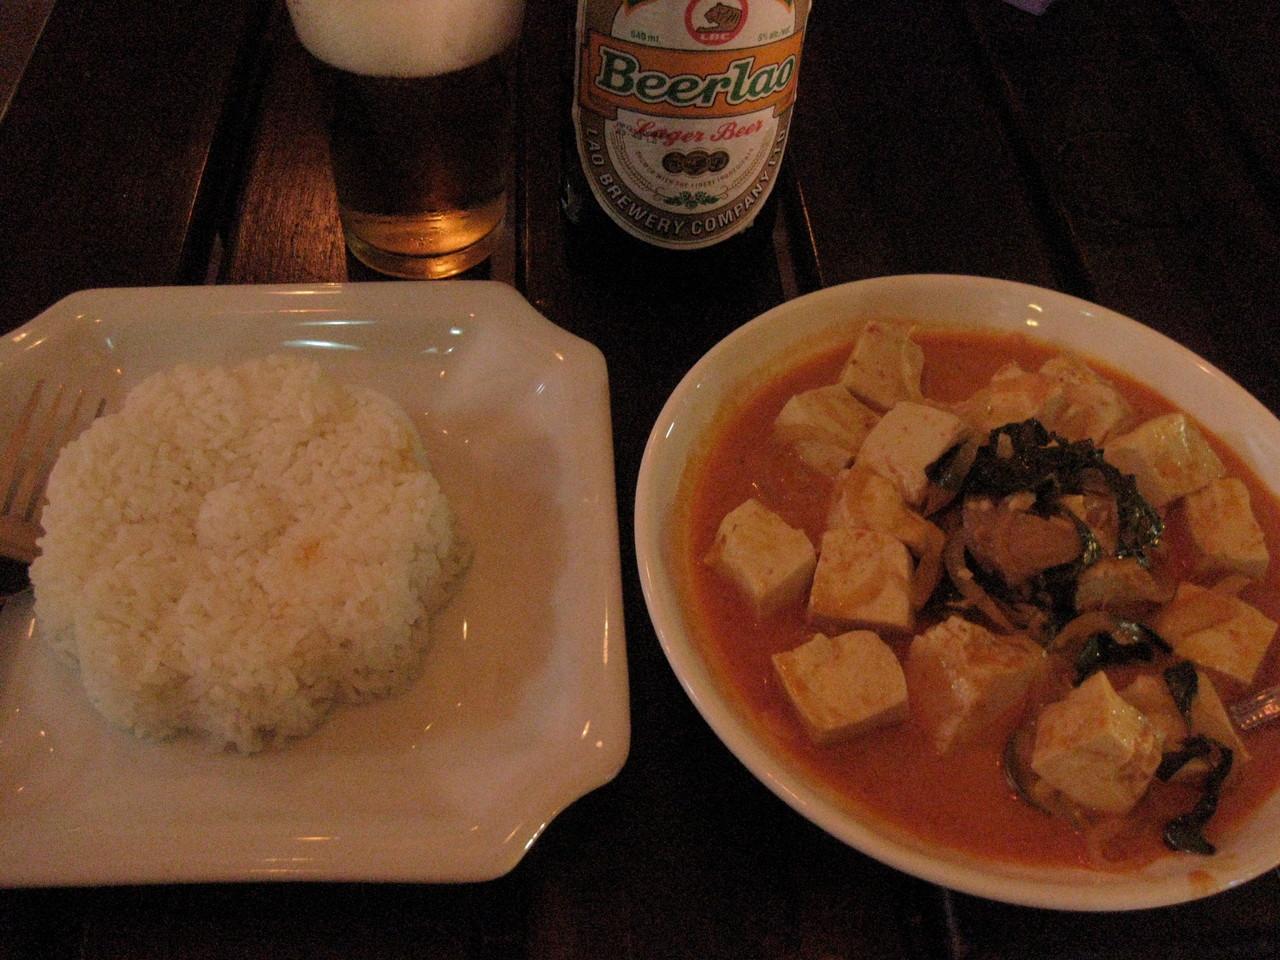 お腹の調子が今ひとつなので、うどんか野菜炒めばっかり食べてるが、この豆腐グリーンカレーはおいしかった。